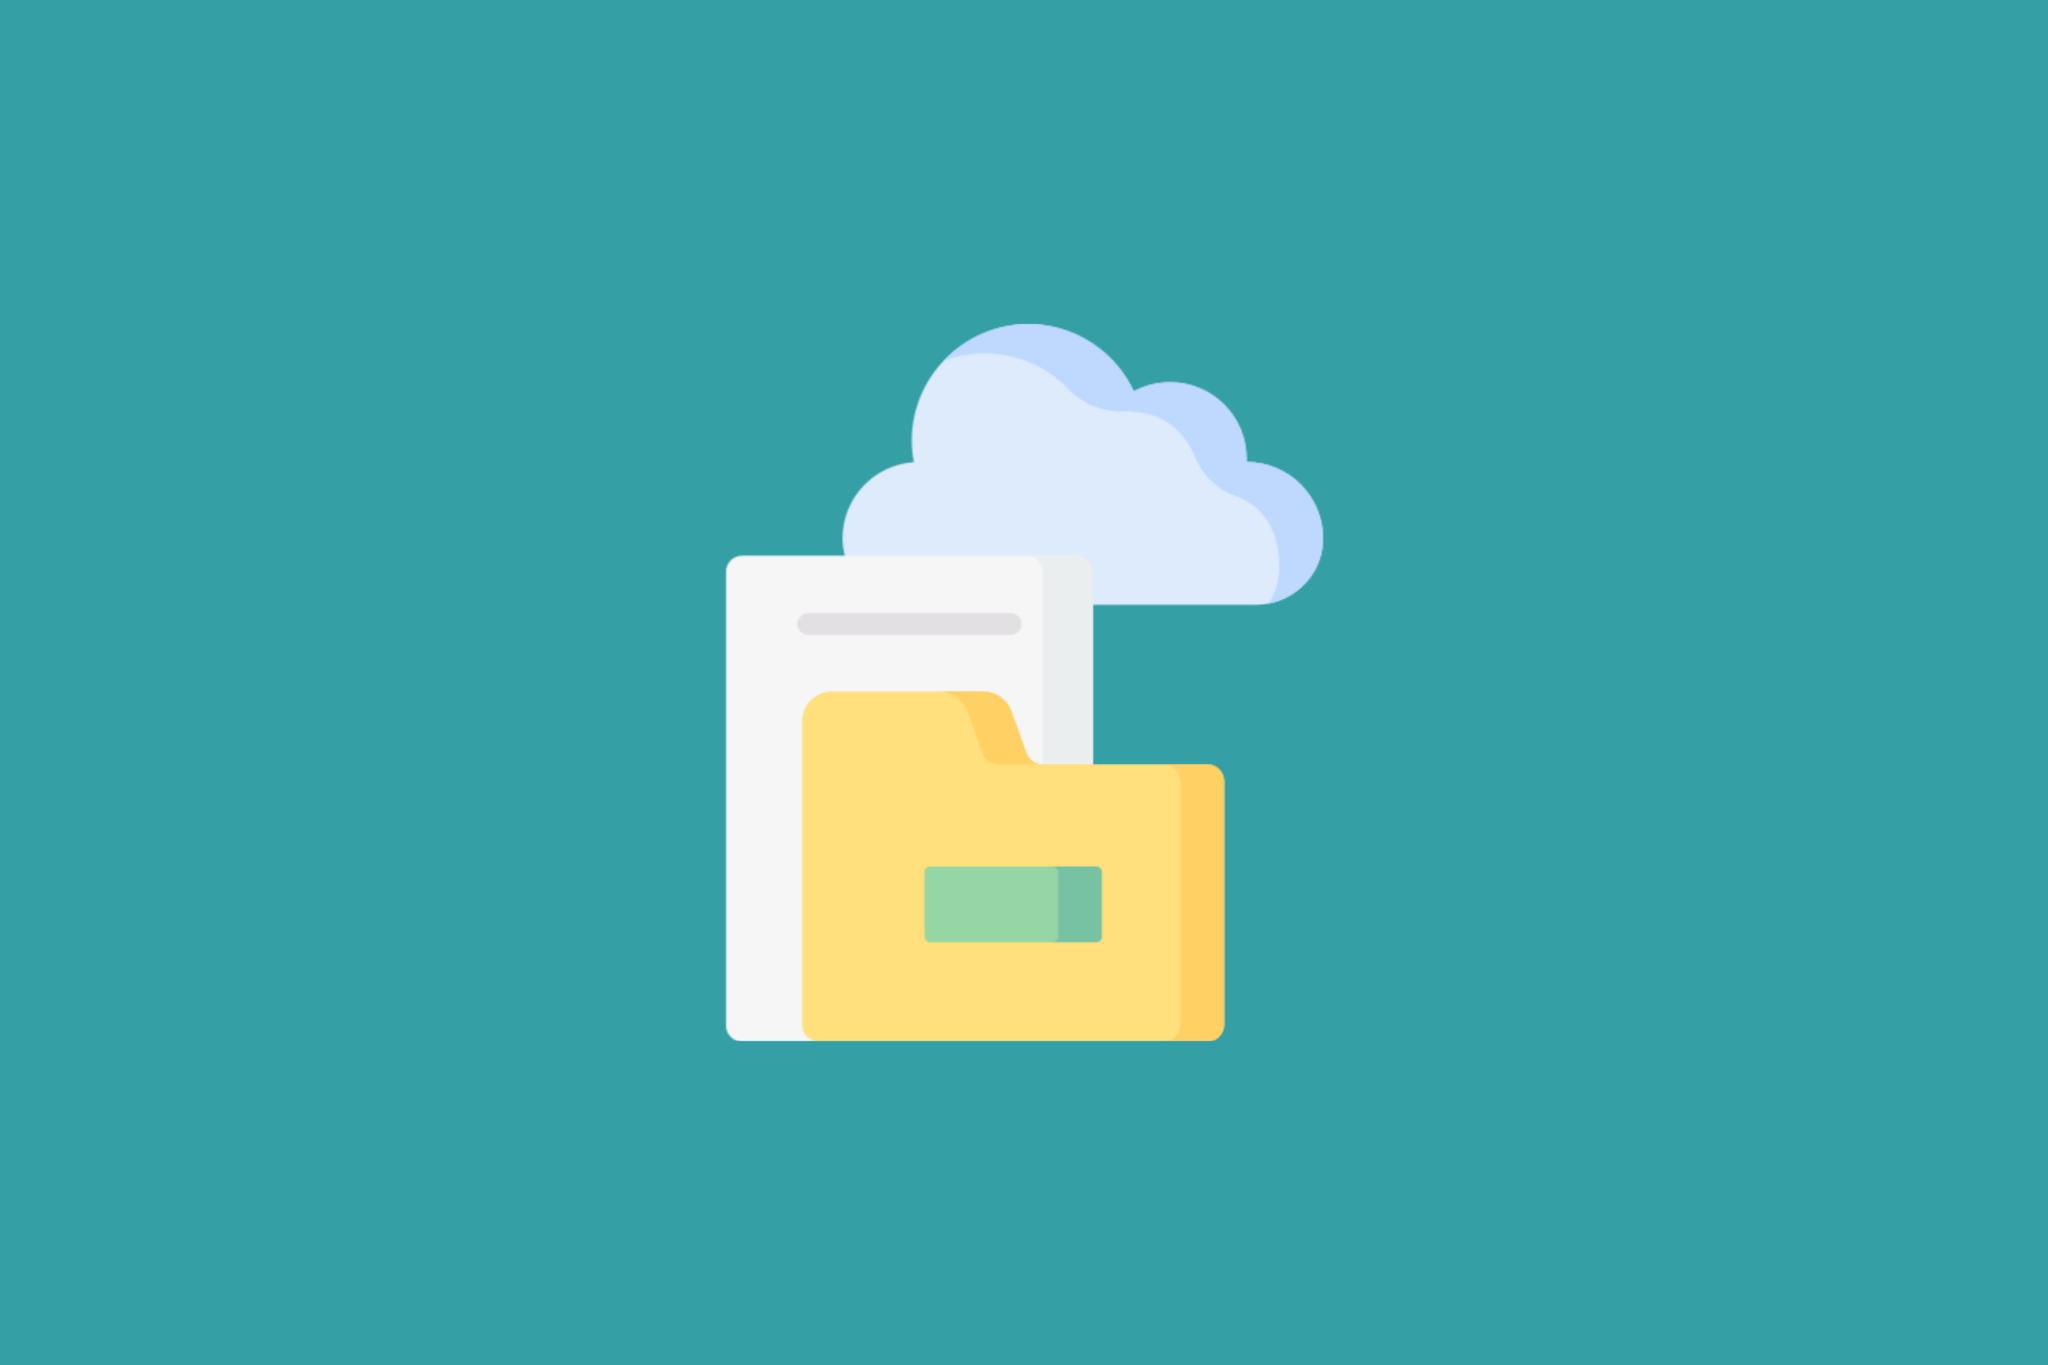 Cara Mendapatkan Storage 50GB dari MediaFire gratis